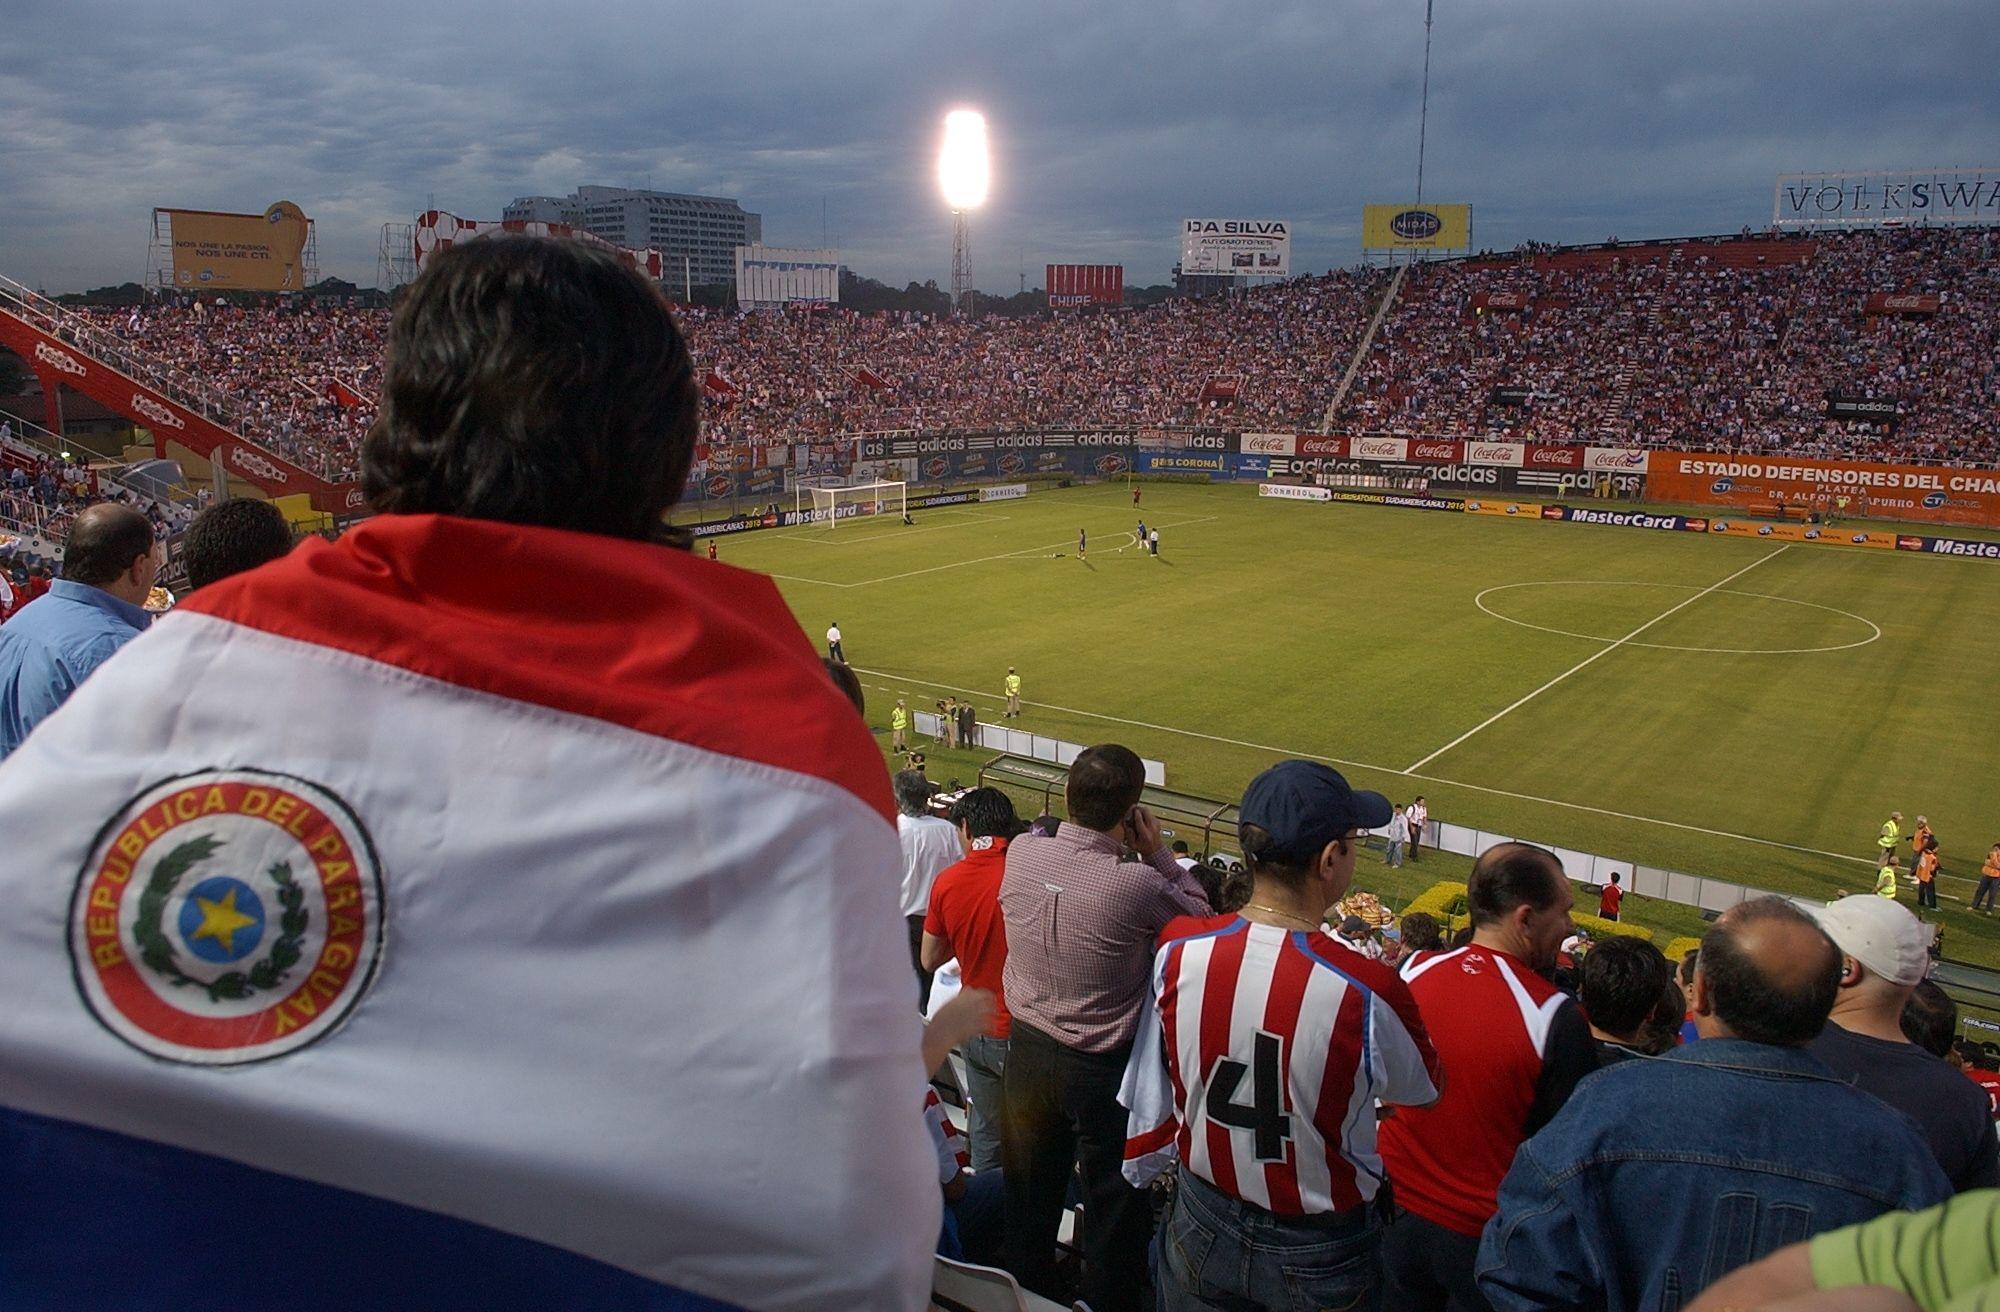 Paraguay podrá enfrentar la lucha contra la corrupción en el deporte. Foto: Última Hora.